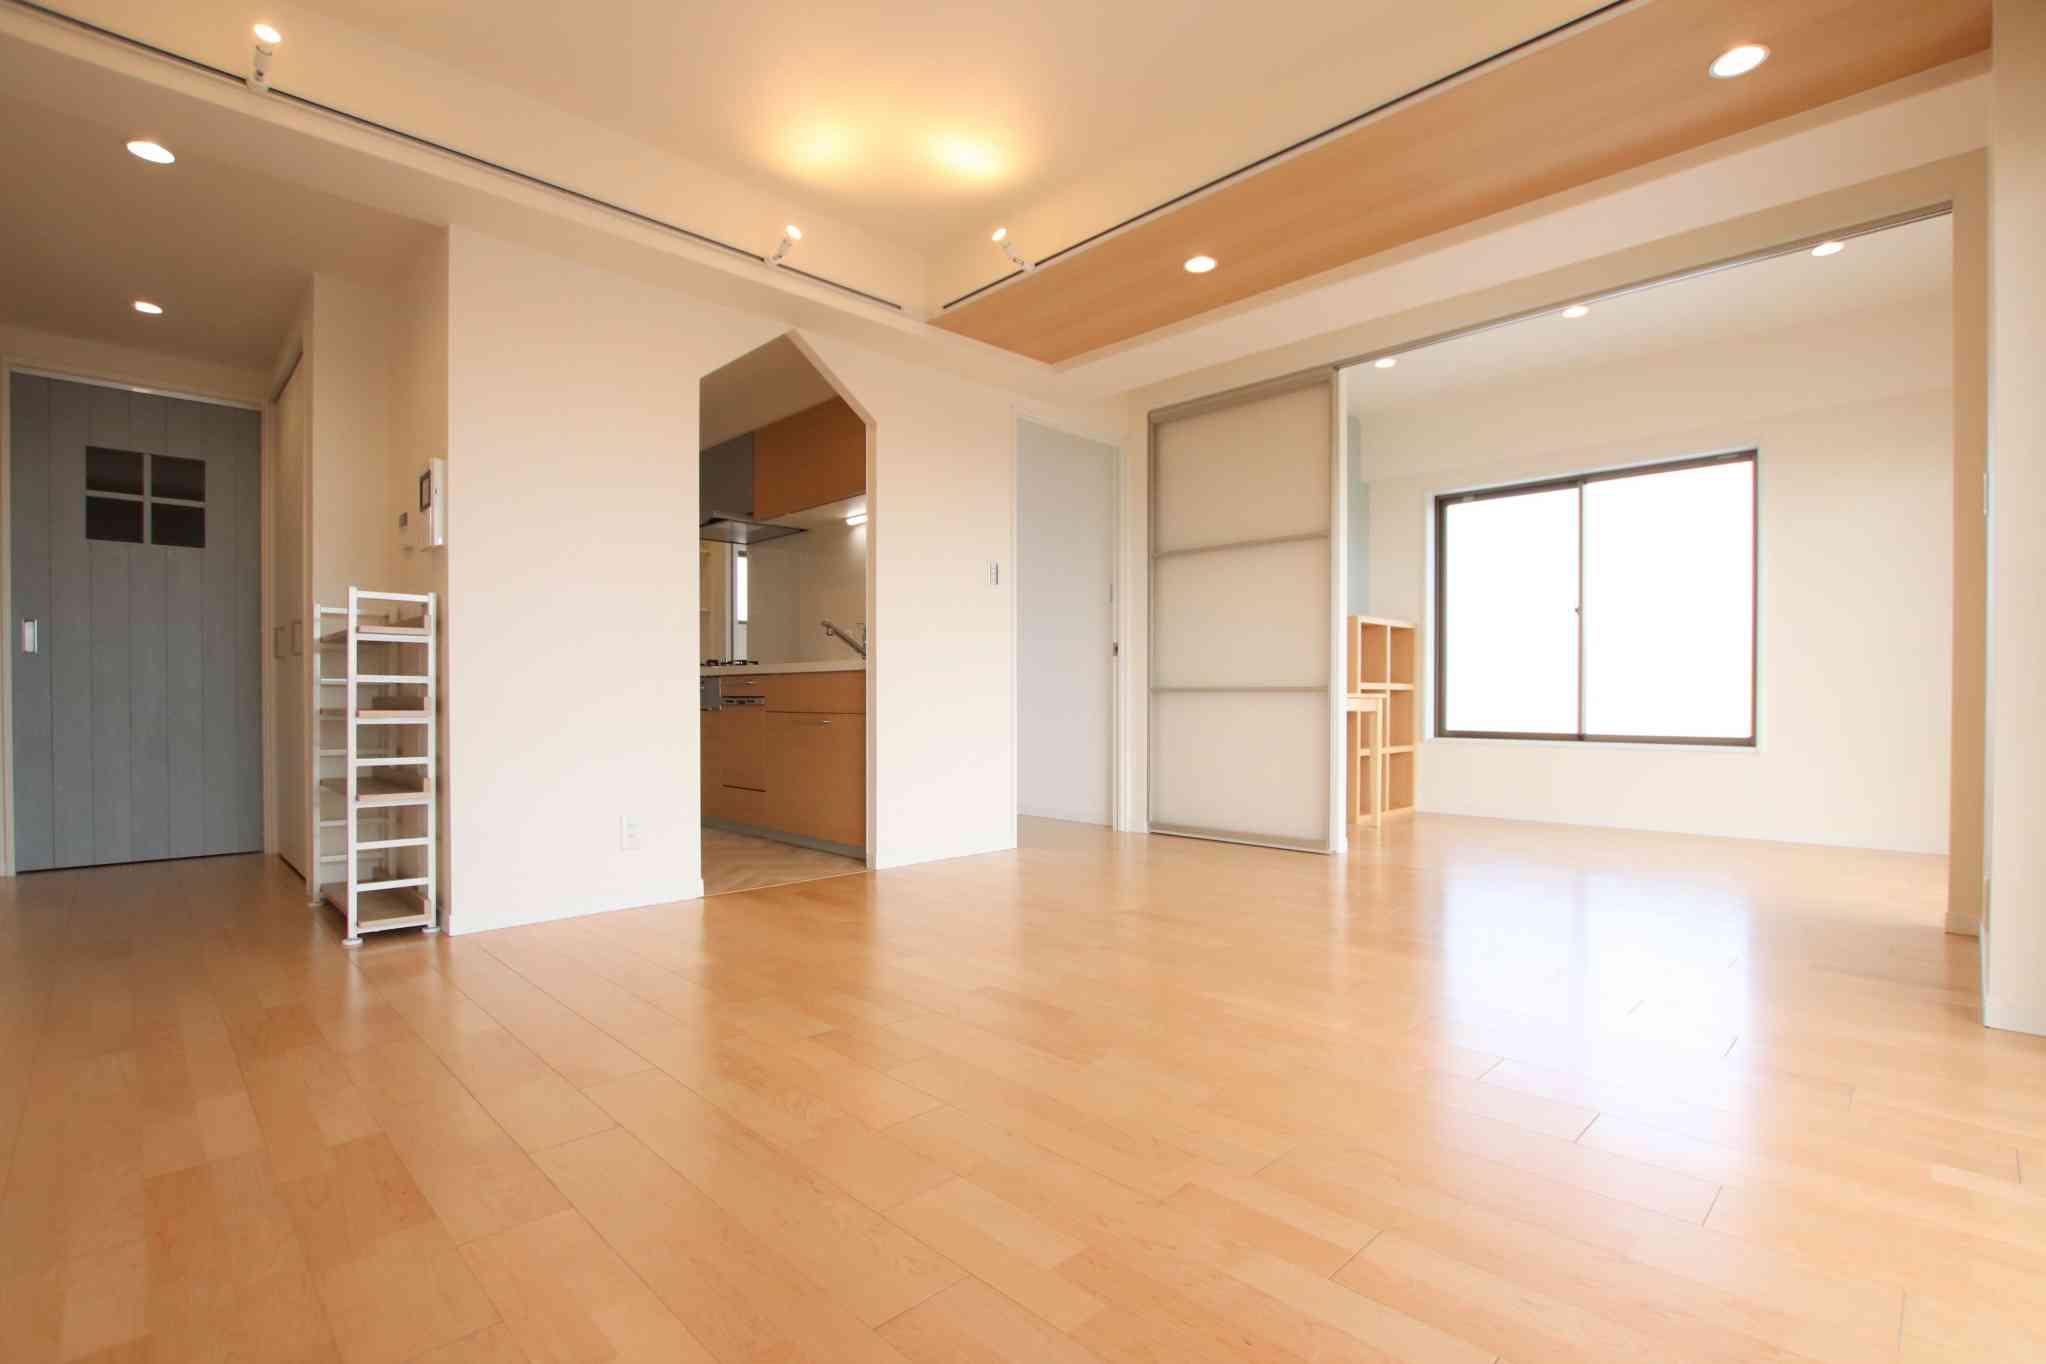 【期間限定!】〈藤和シティコープ大宮宮原〉リノベマンション完成見学会!@さいたま市北区